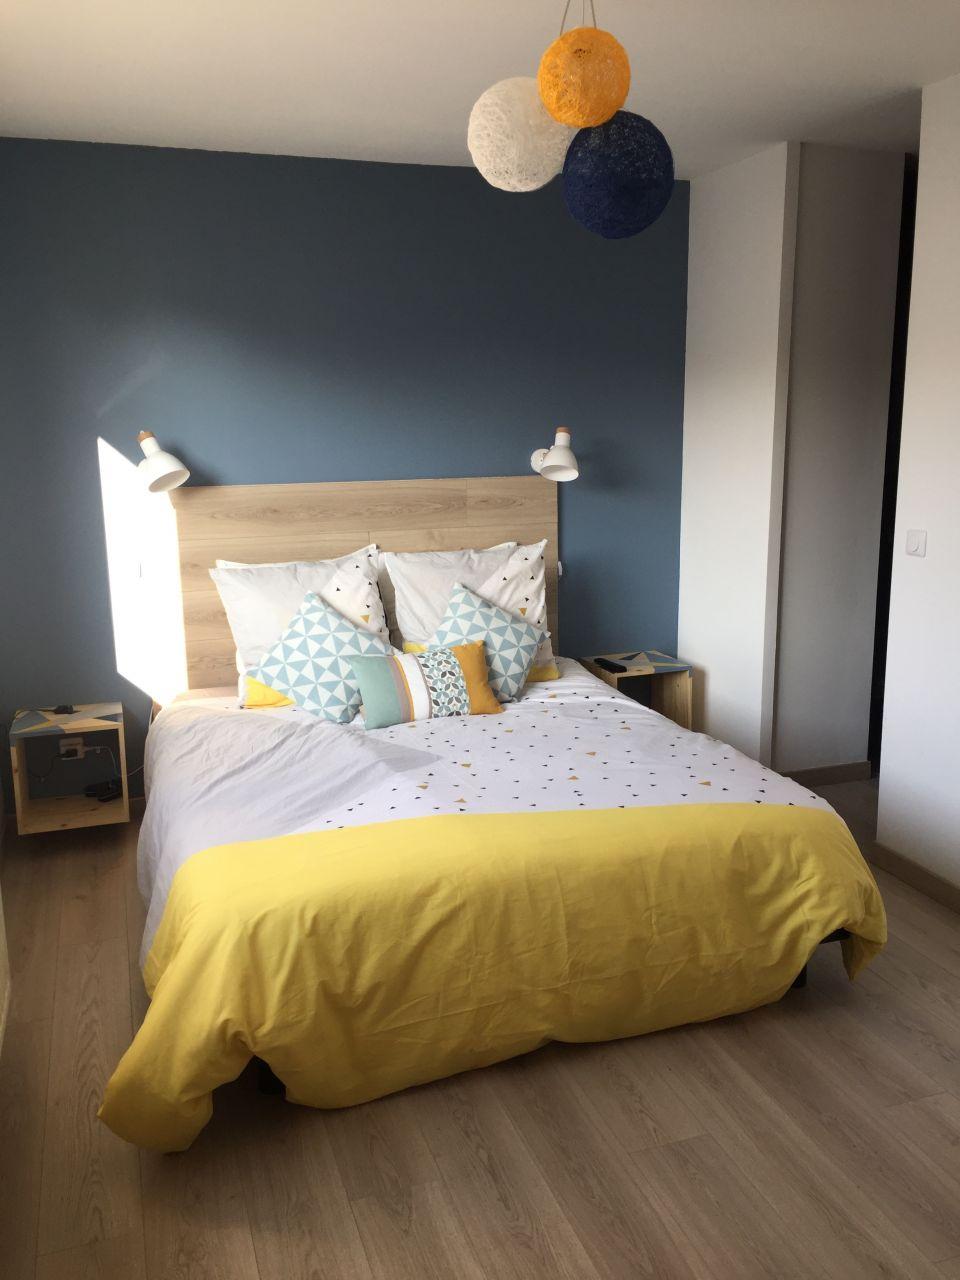 Tête de lit + appliques posées